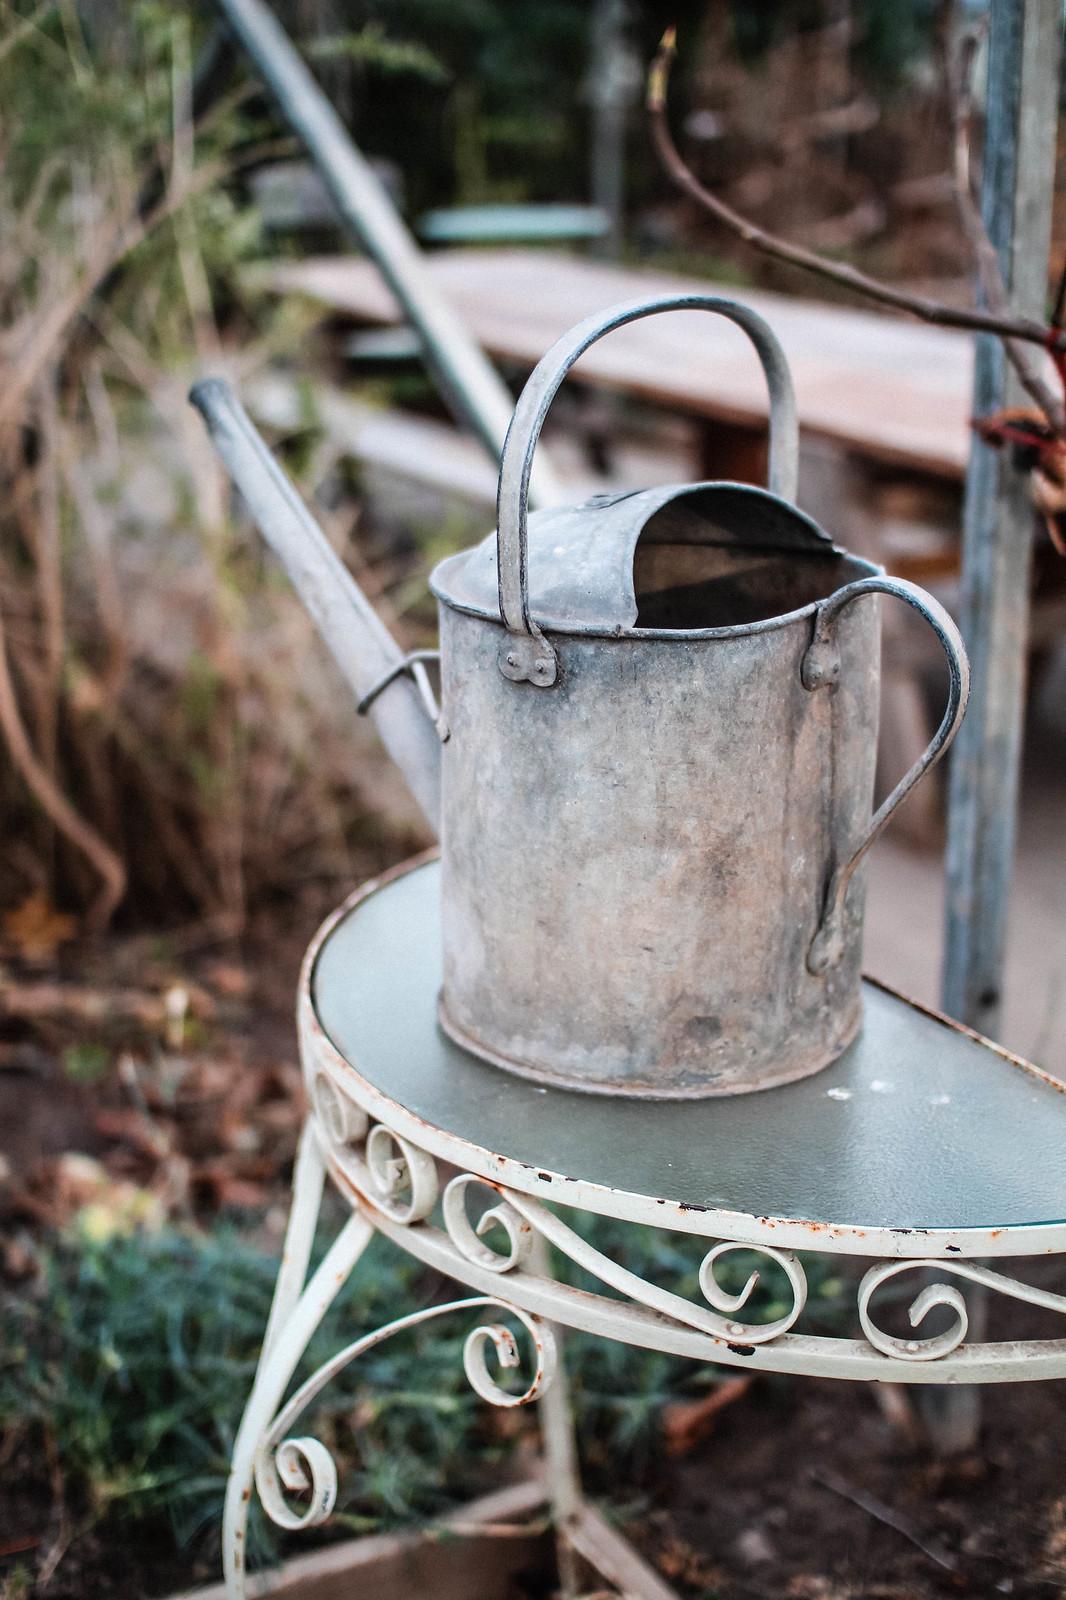 Edinburgh Secret Herb Garden Review Lifestyle blogger travel UK The Little Things IMG_7678